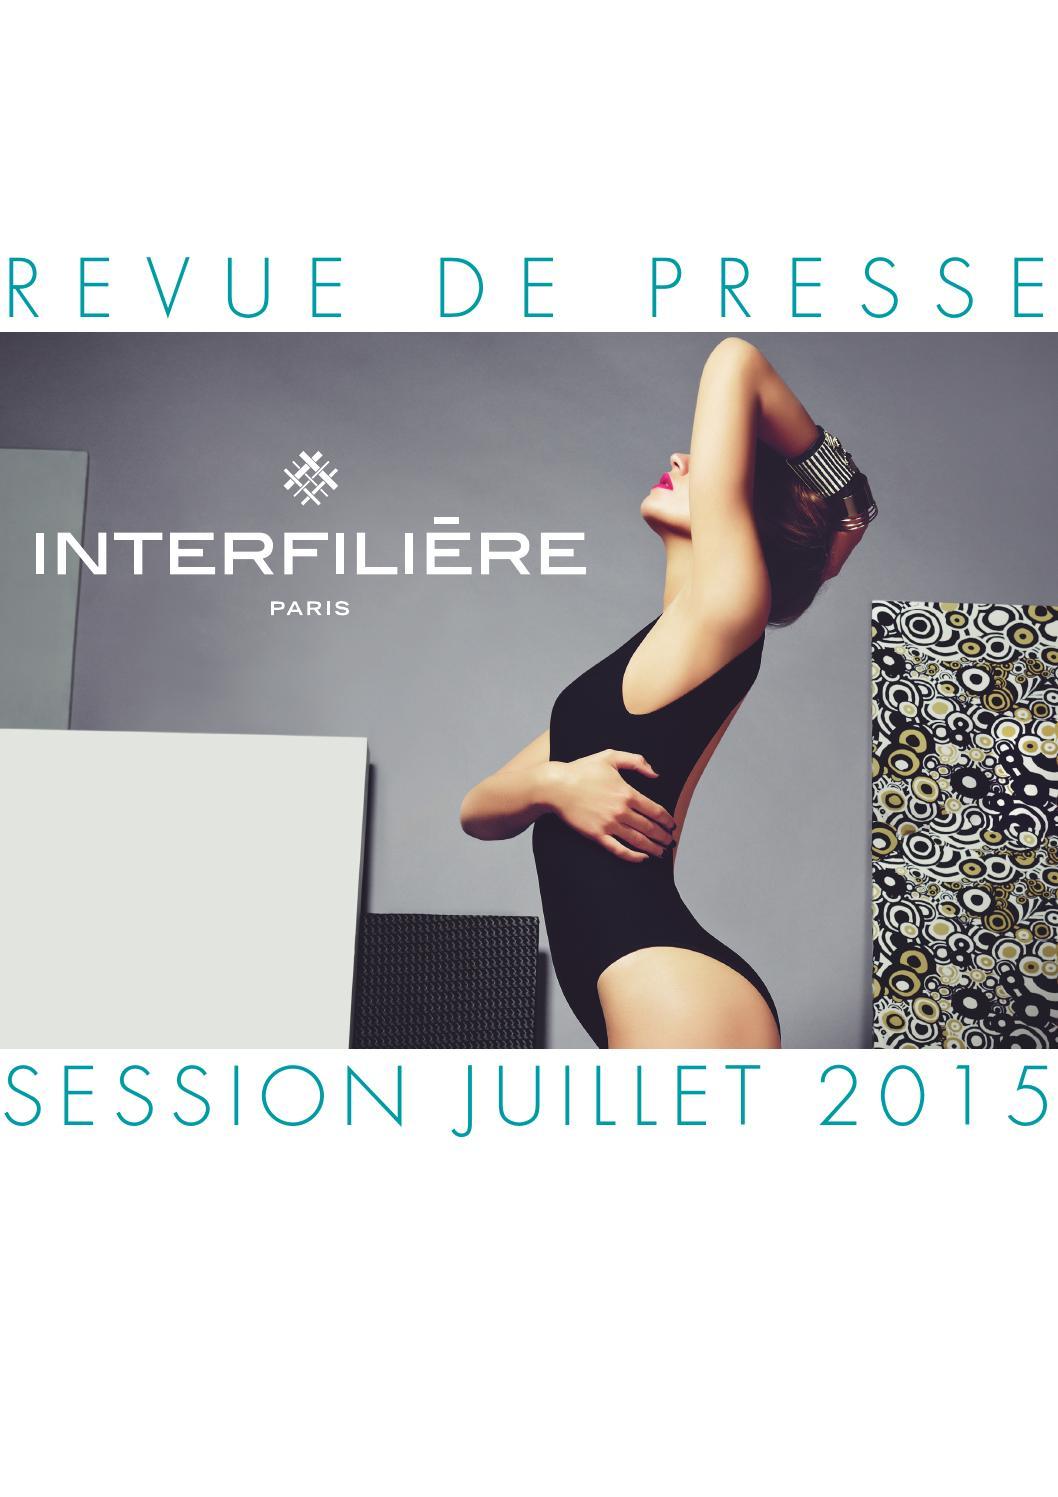 Revue De Presse Interfiliere Paris Juillet 2015 By Claire Correia